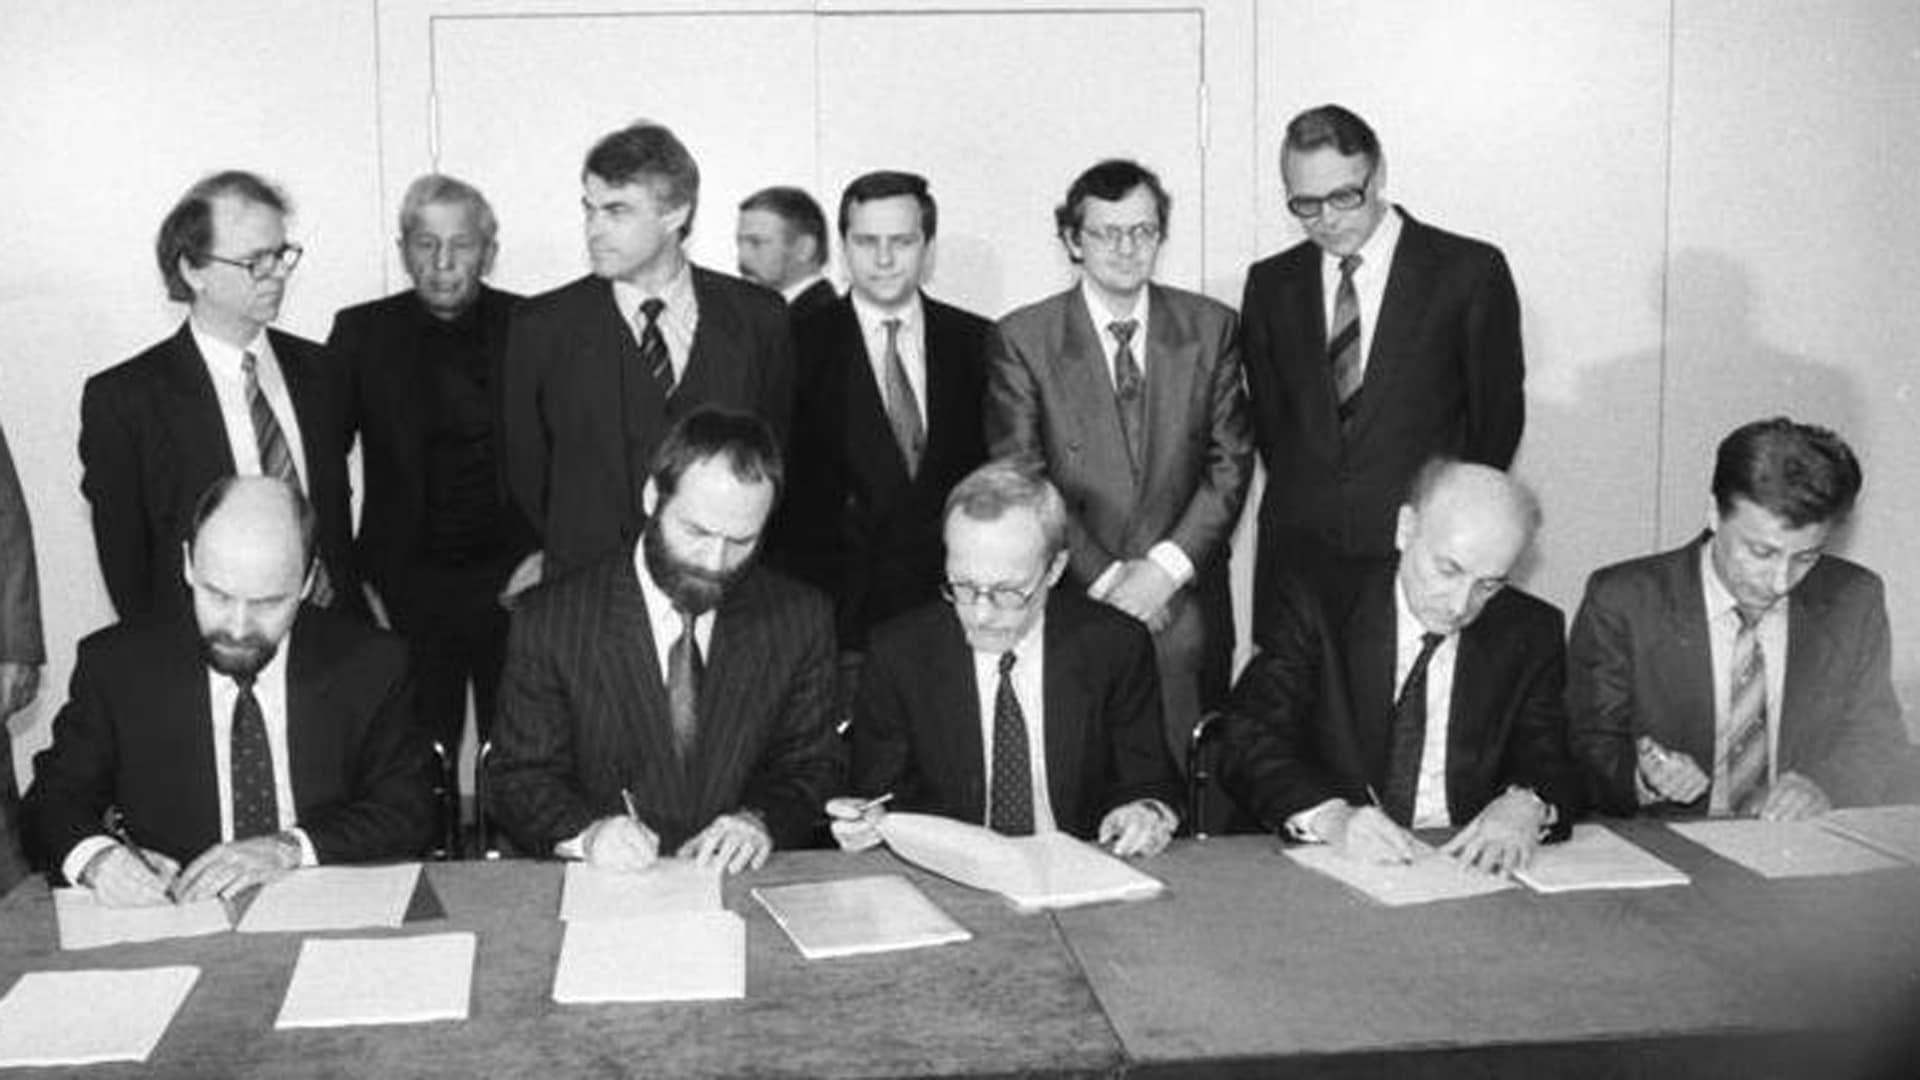 Unterzeichnung der Koalitionsvereinbarung der ersten freigewählten Regierung der DDR am 12. April 1990: Rainer Eppelmann (DA), Markus Meckel (SDP), Lothar de Maiziere (CDU), Hans-Wilhelm Ebeling (DSU) und Rainer Ortleb (LDPD)